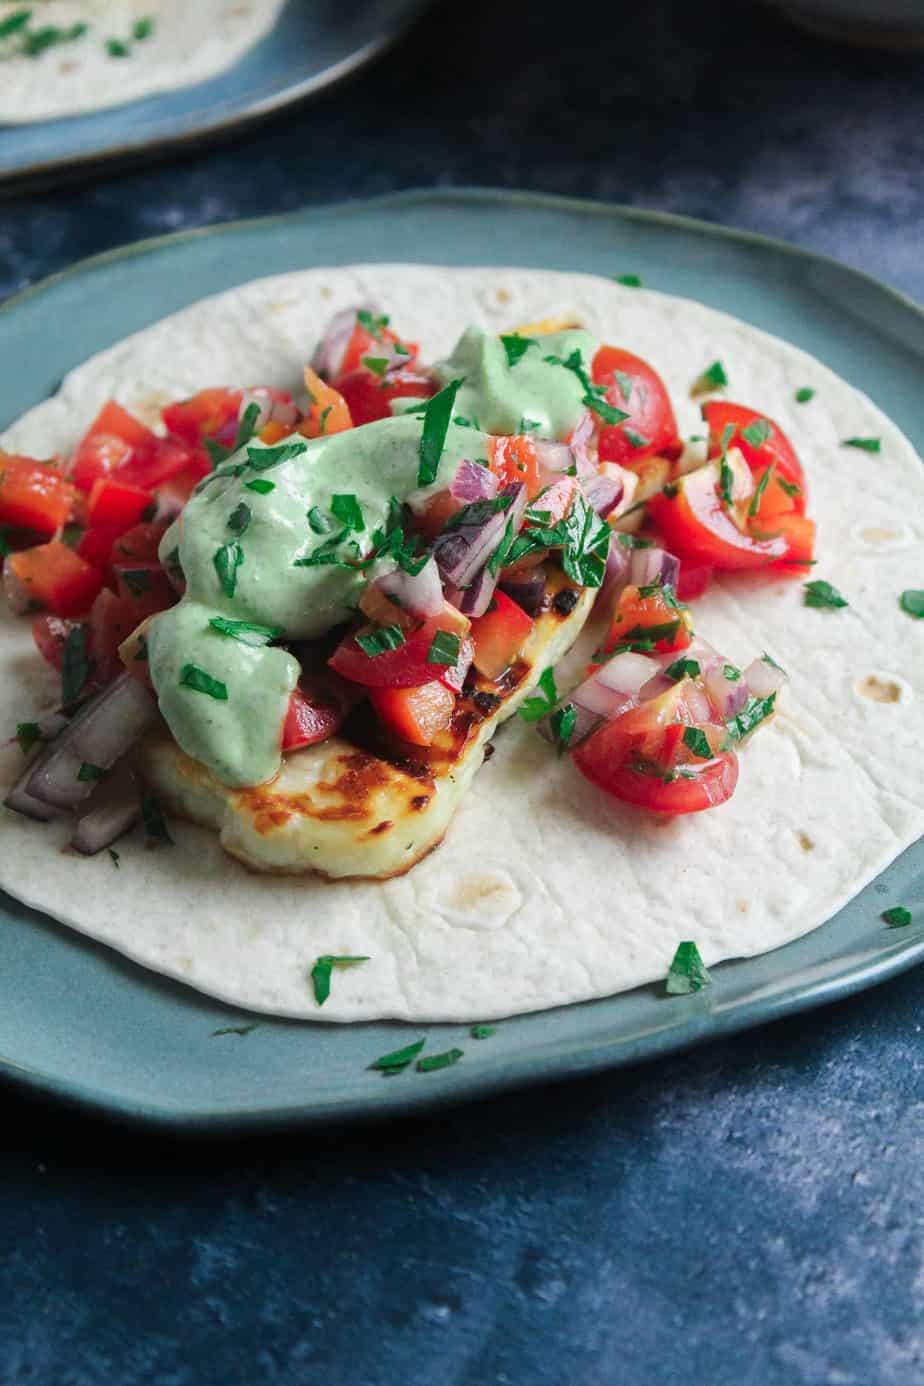 Halloumi Tacos with Avocado Ranch